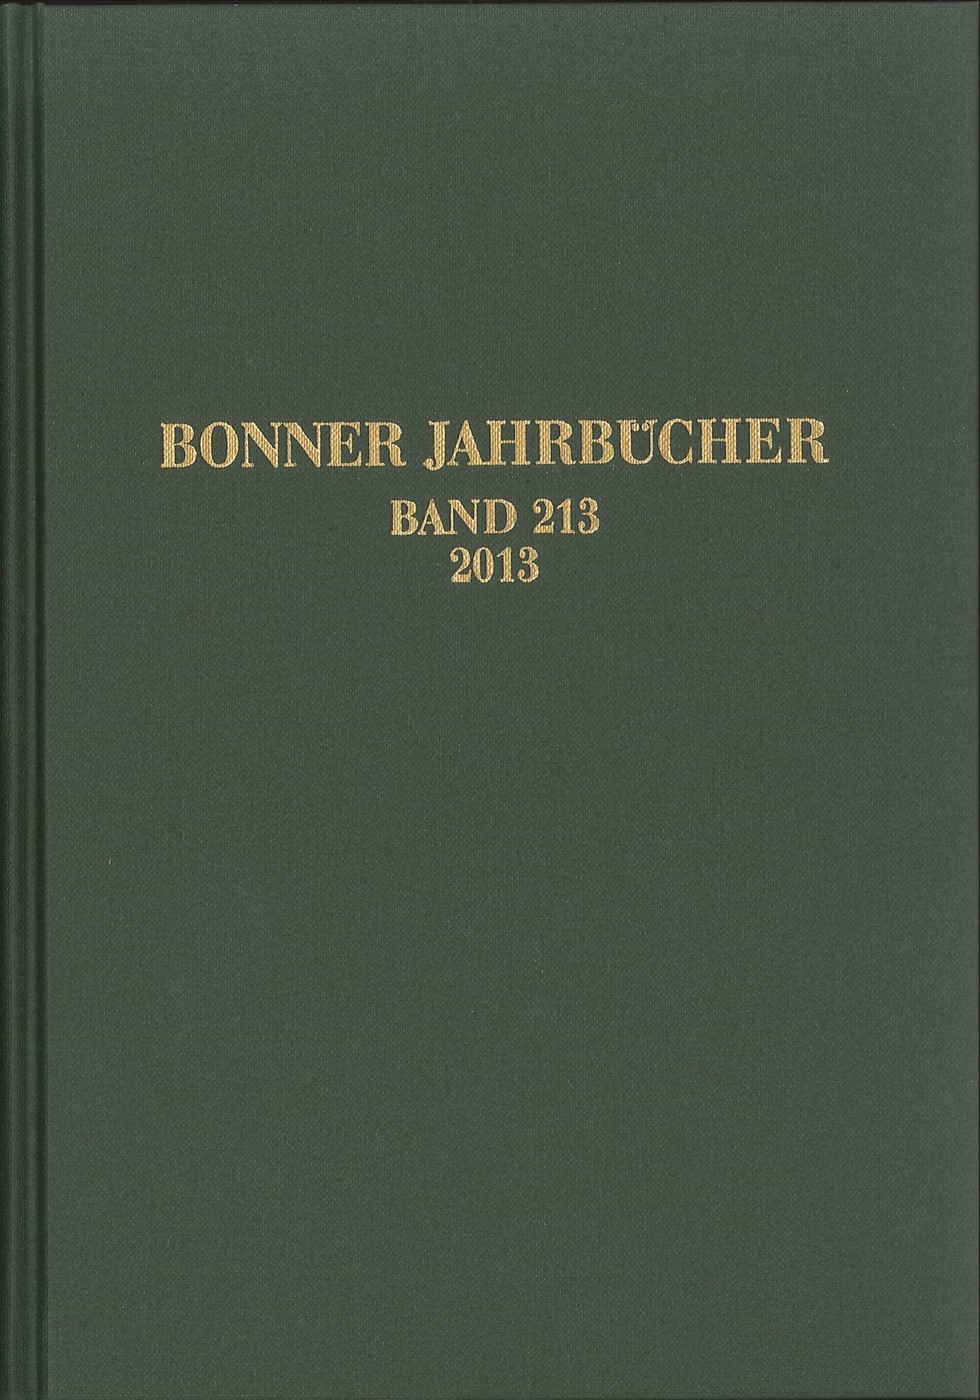 Abbildung von Bonner Jahrbücher | 2015